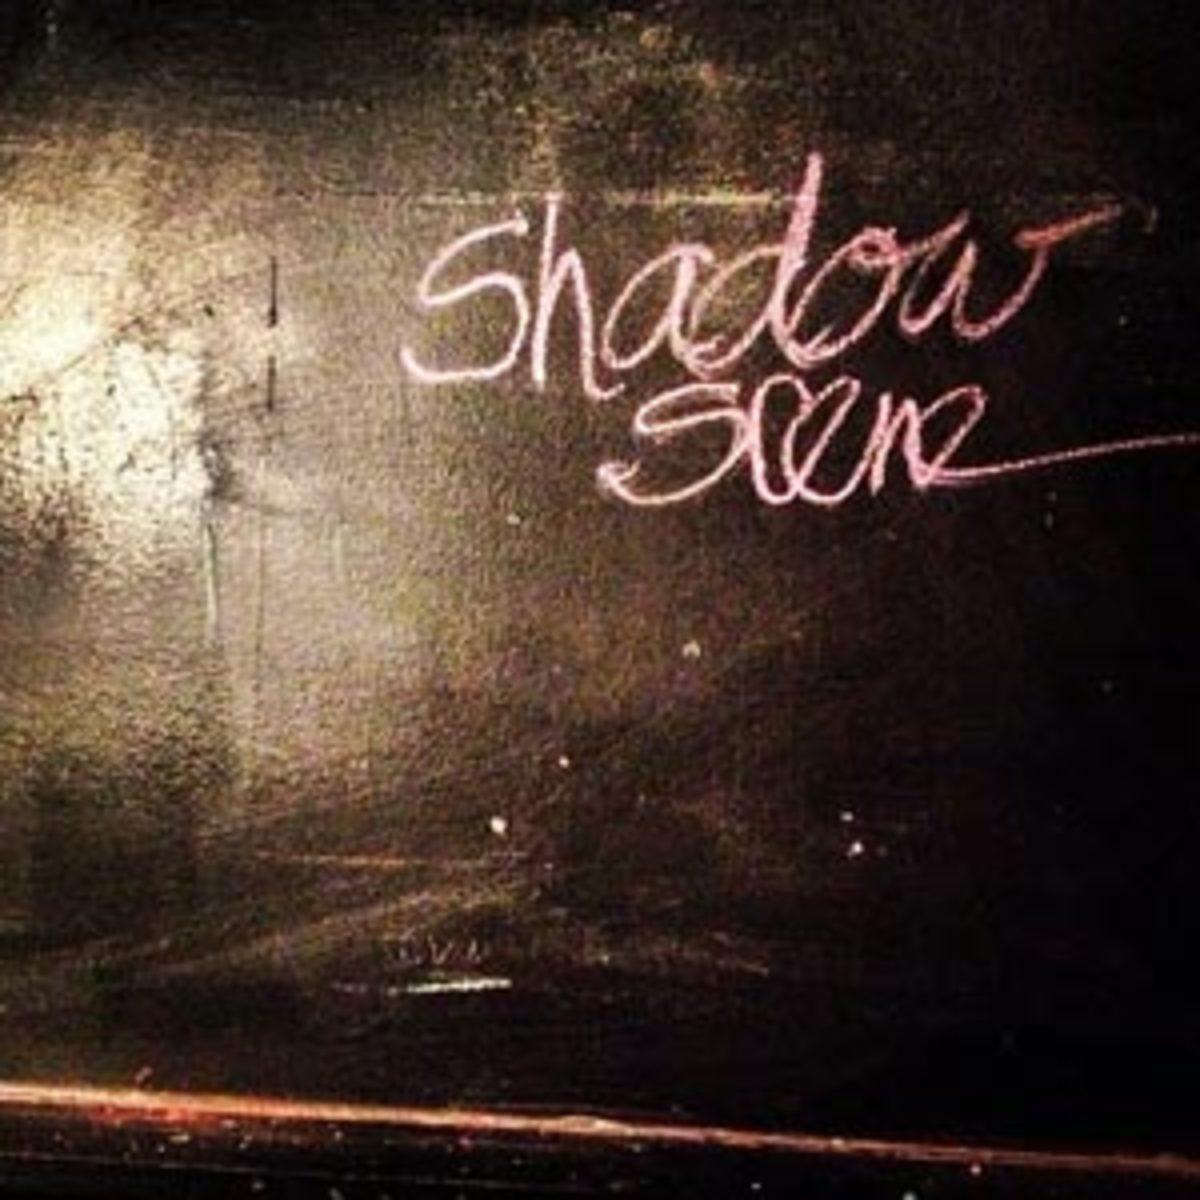 shadowscene